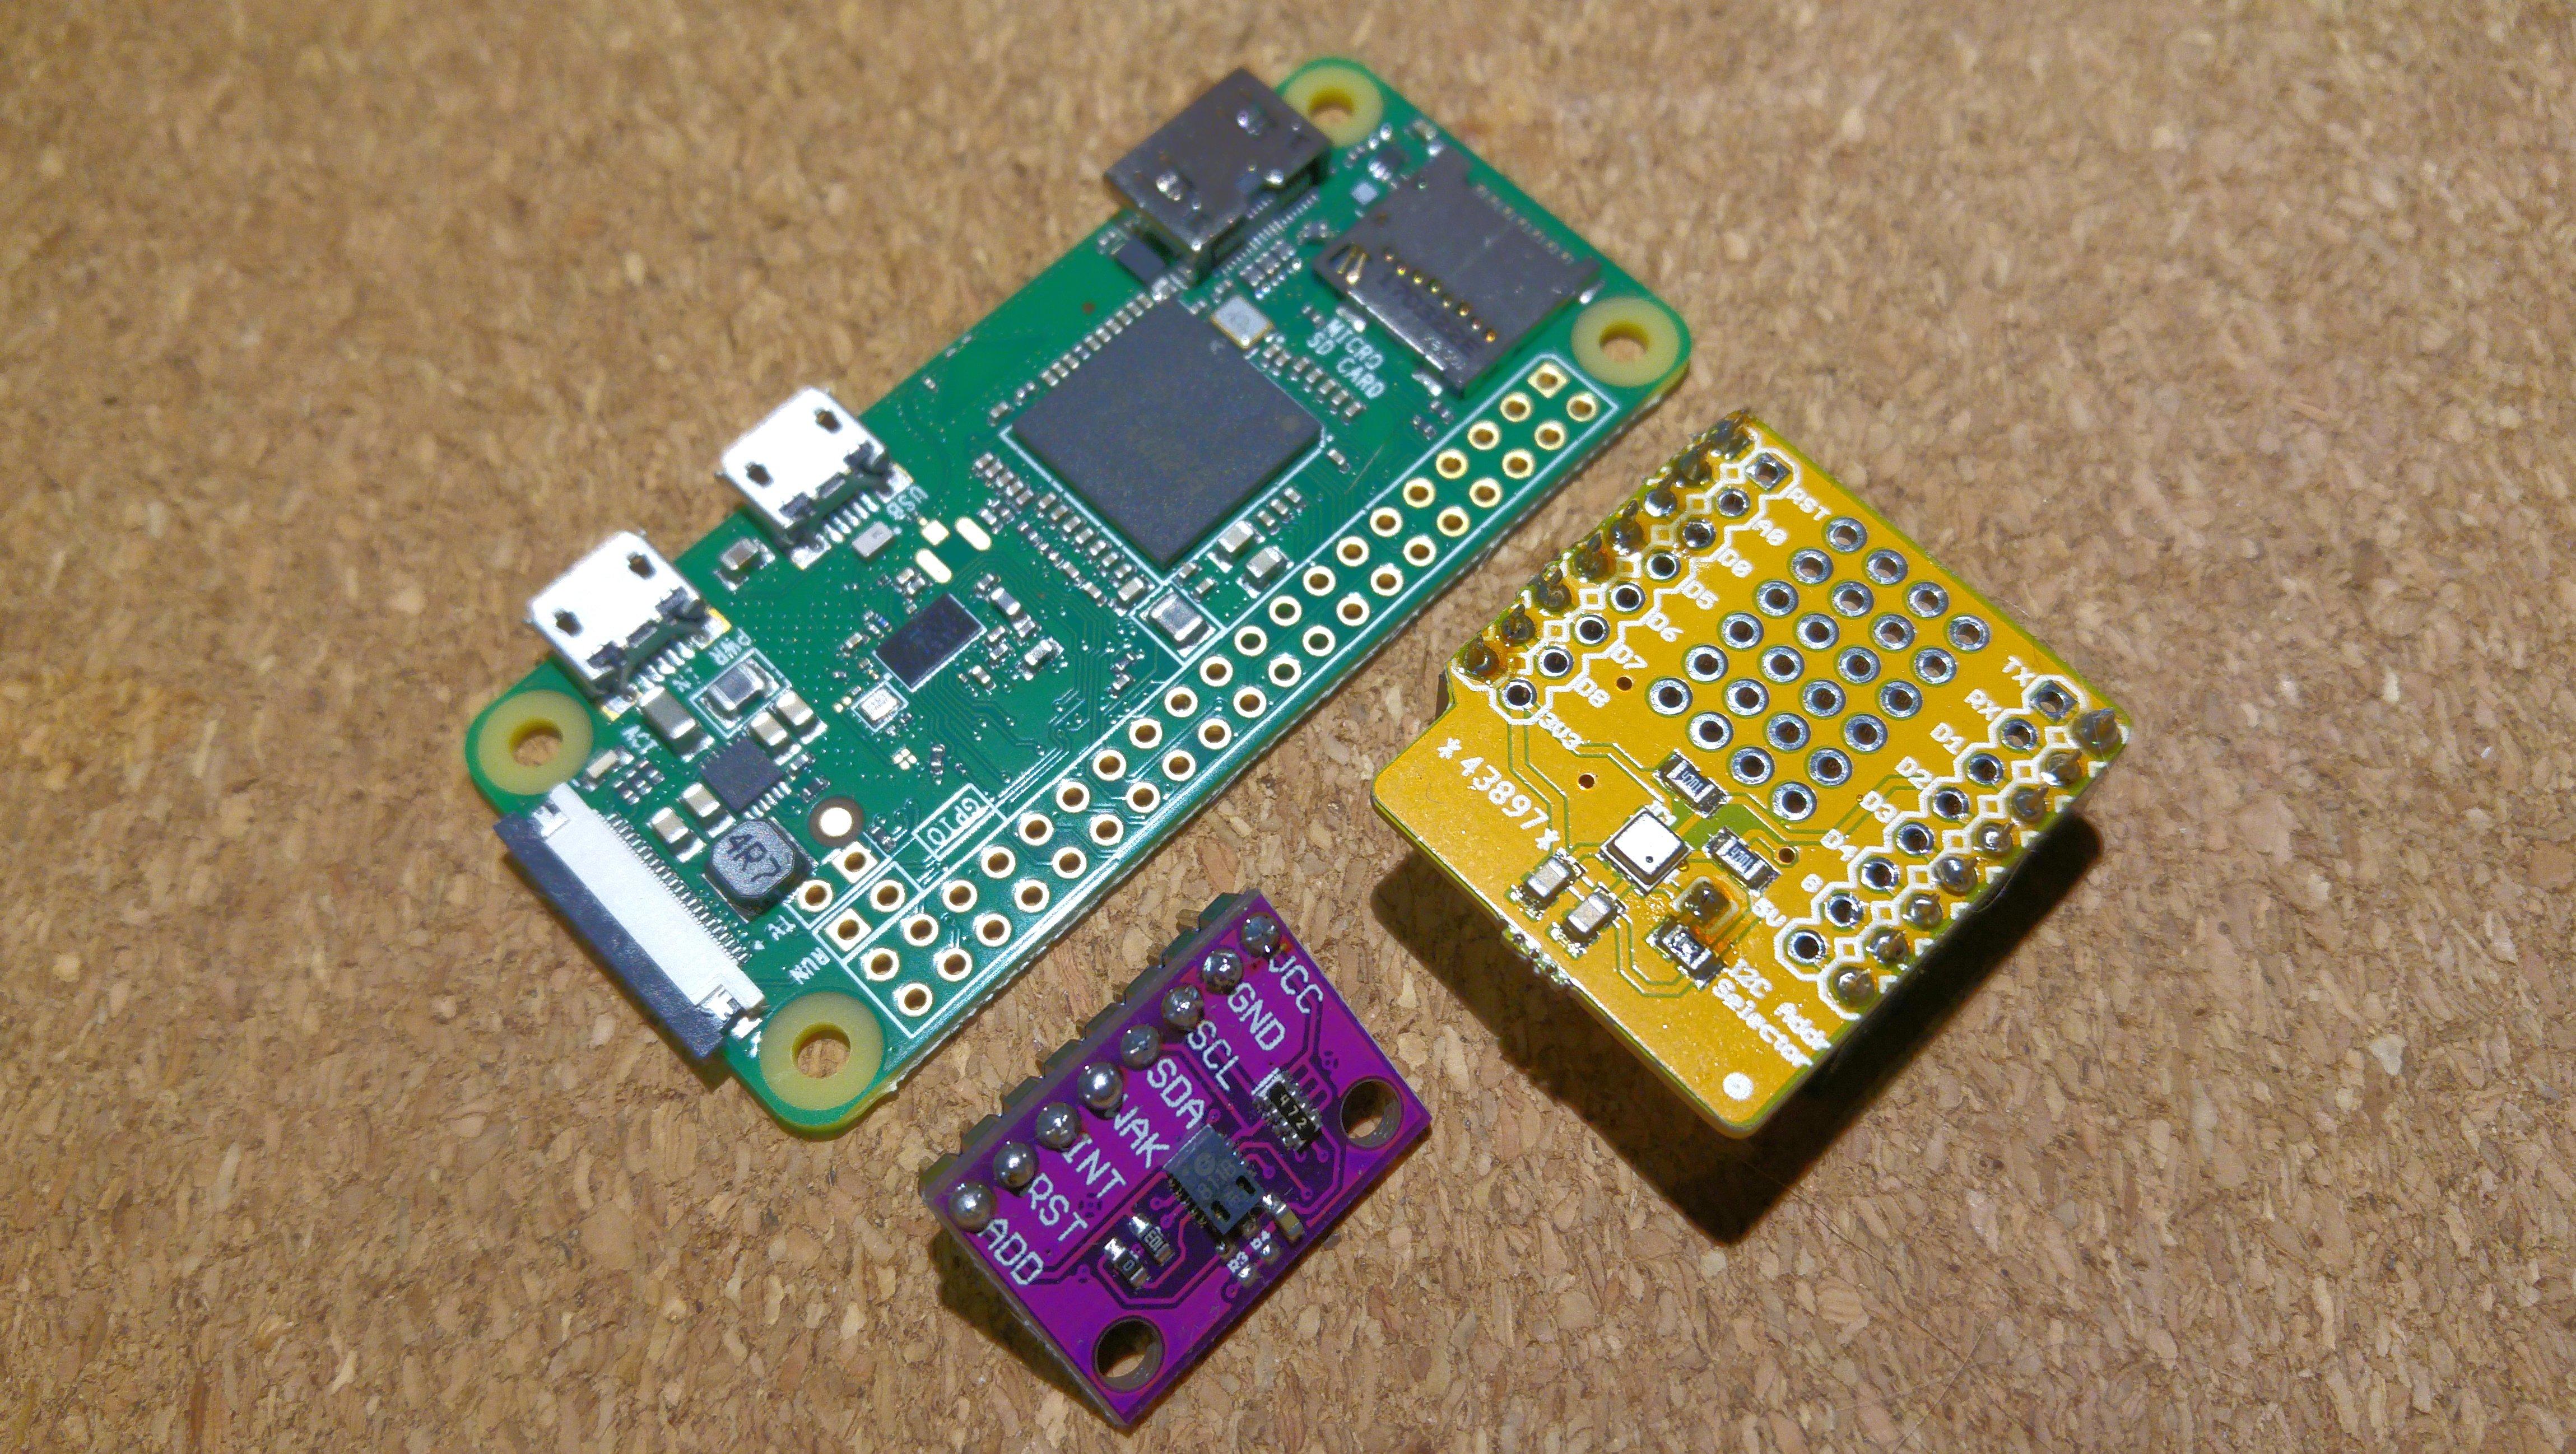 CCS811 & BME680 with Raspberry Pi 0 W